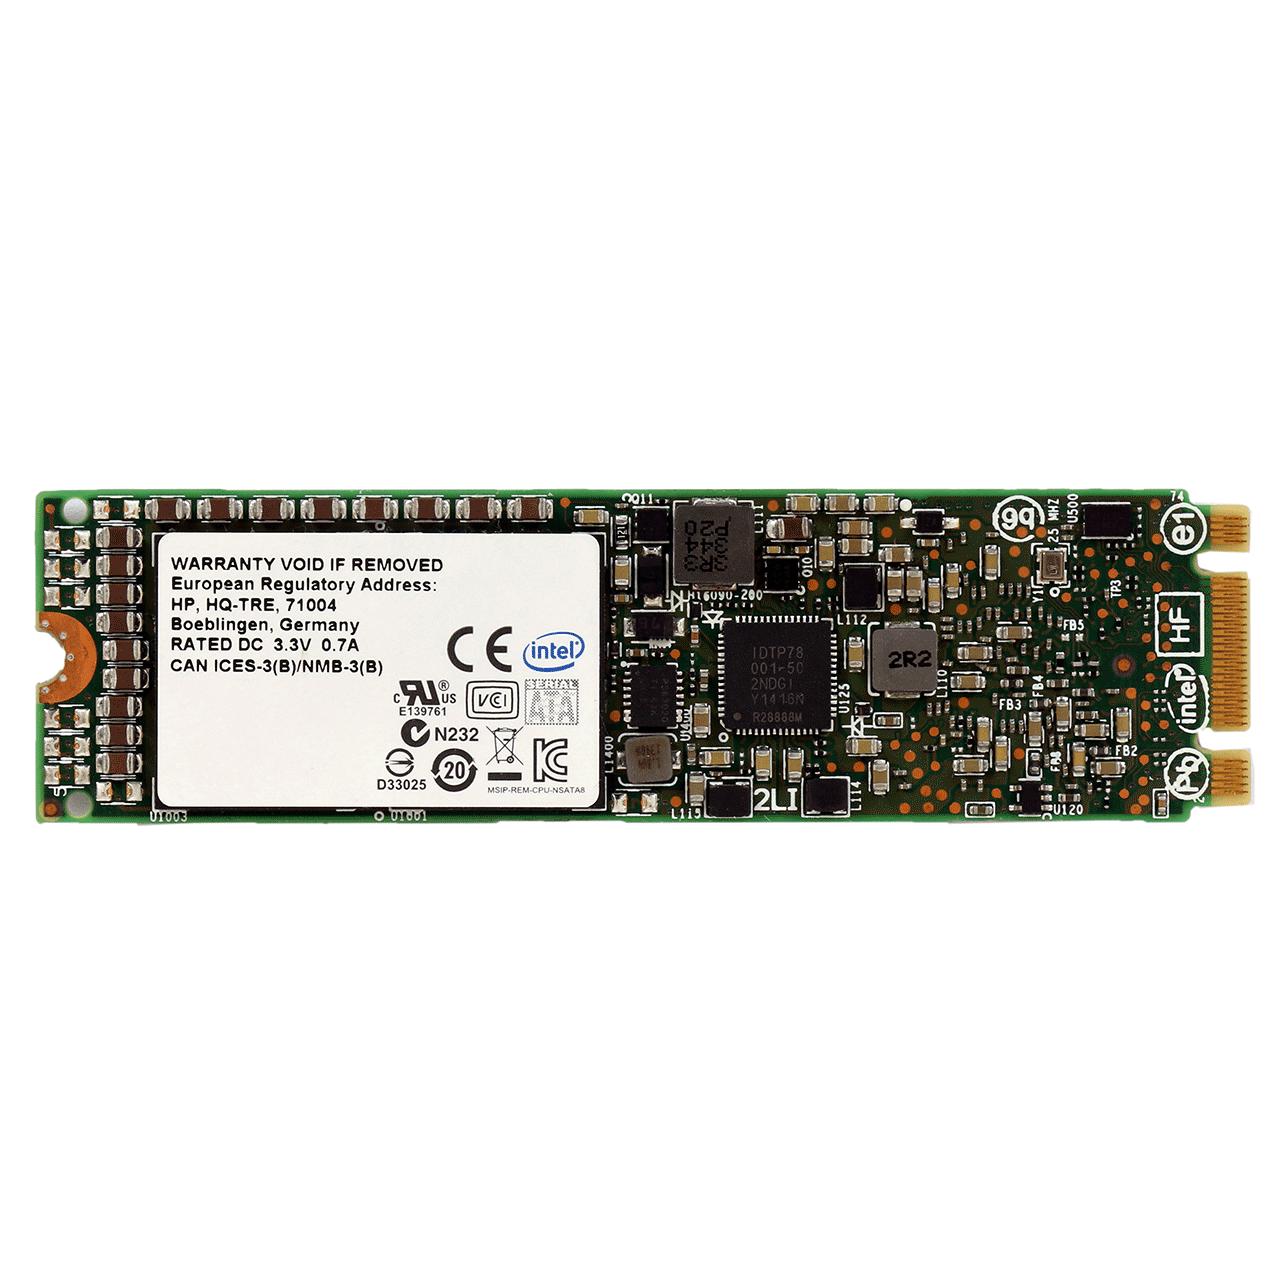 اس اس دی اینترنال اچ پی مدل Read Intensive SATA M.2 2280 با ظرفیت 120 گیگابایت